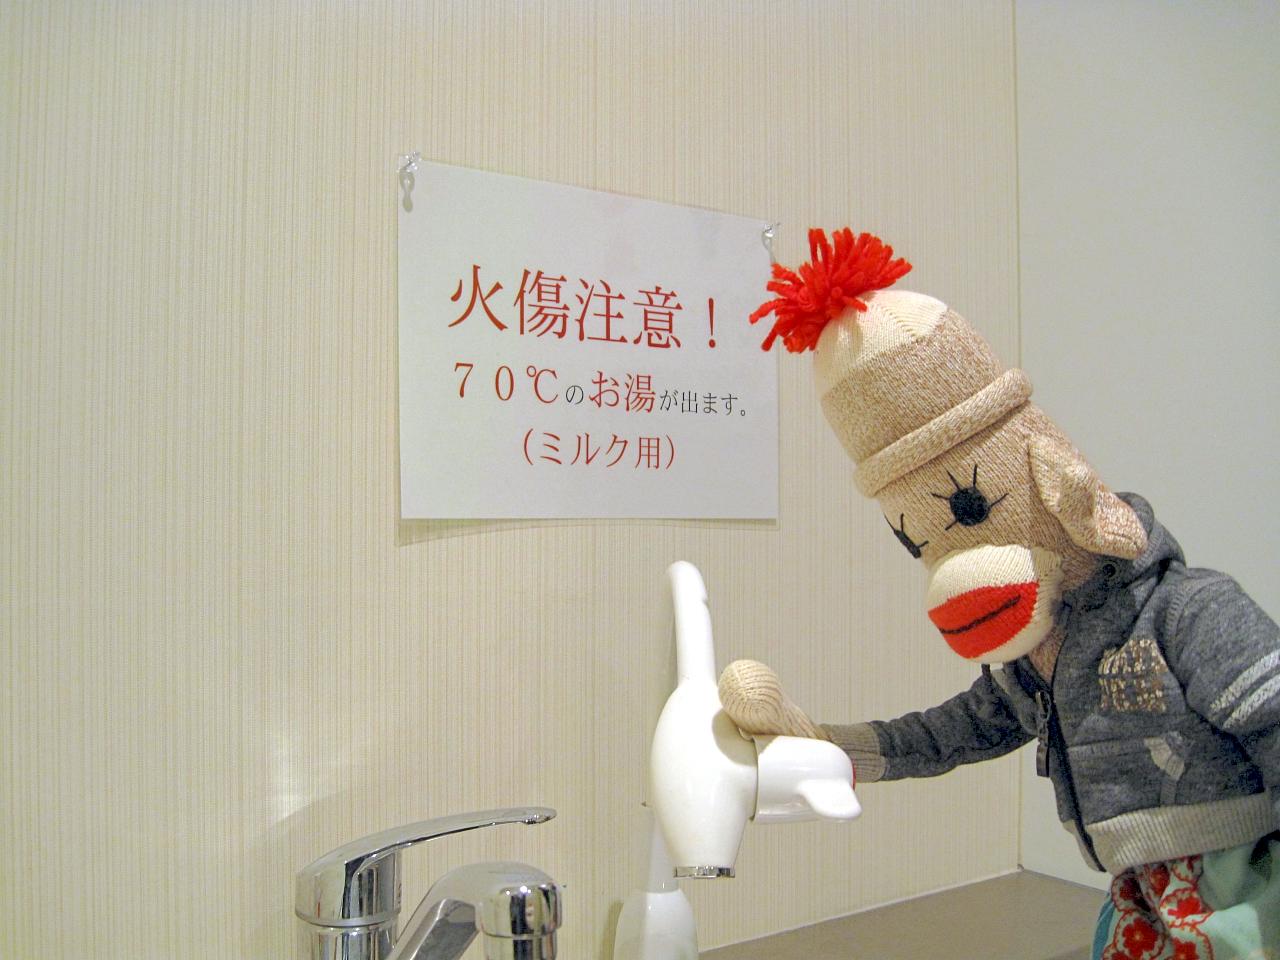 【空港情報】2Fベビー休憩室